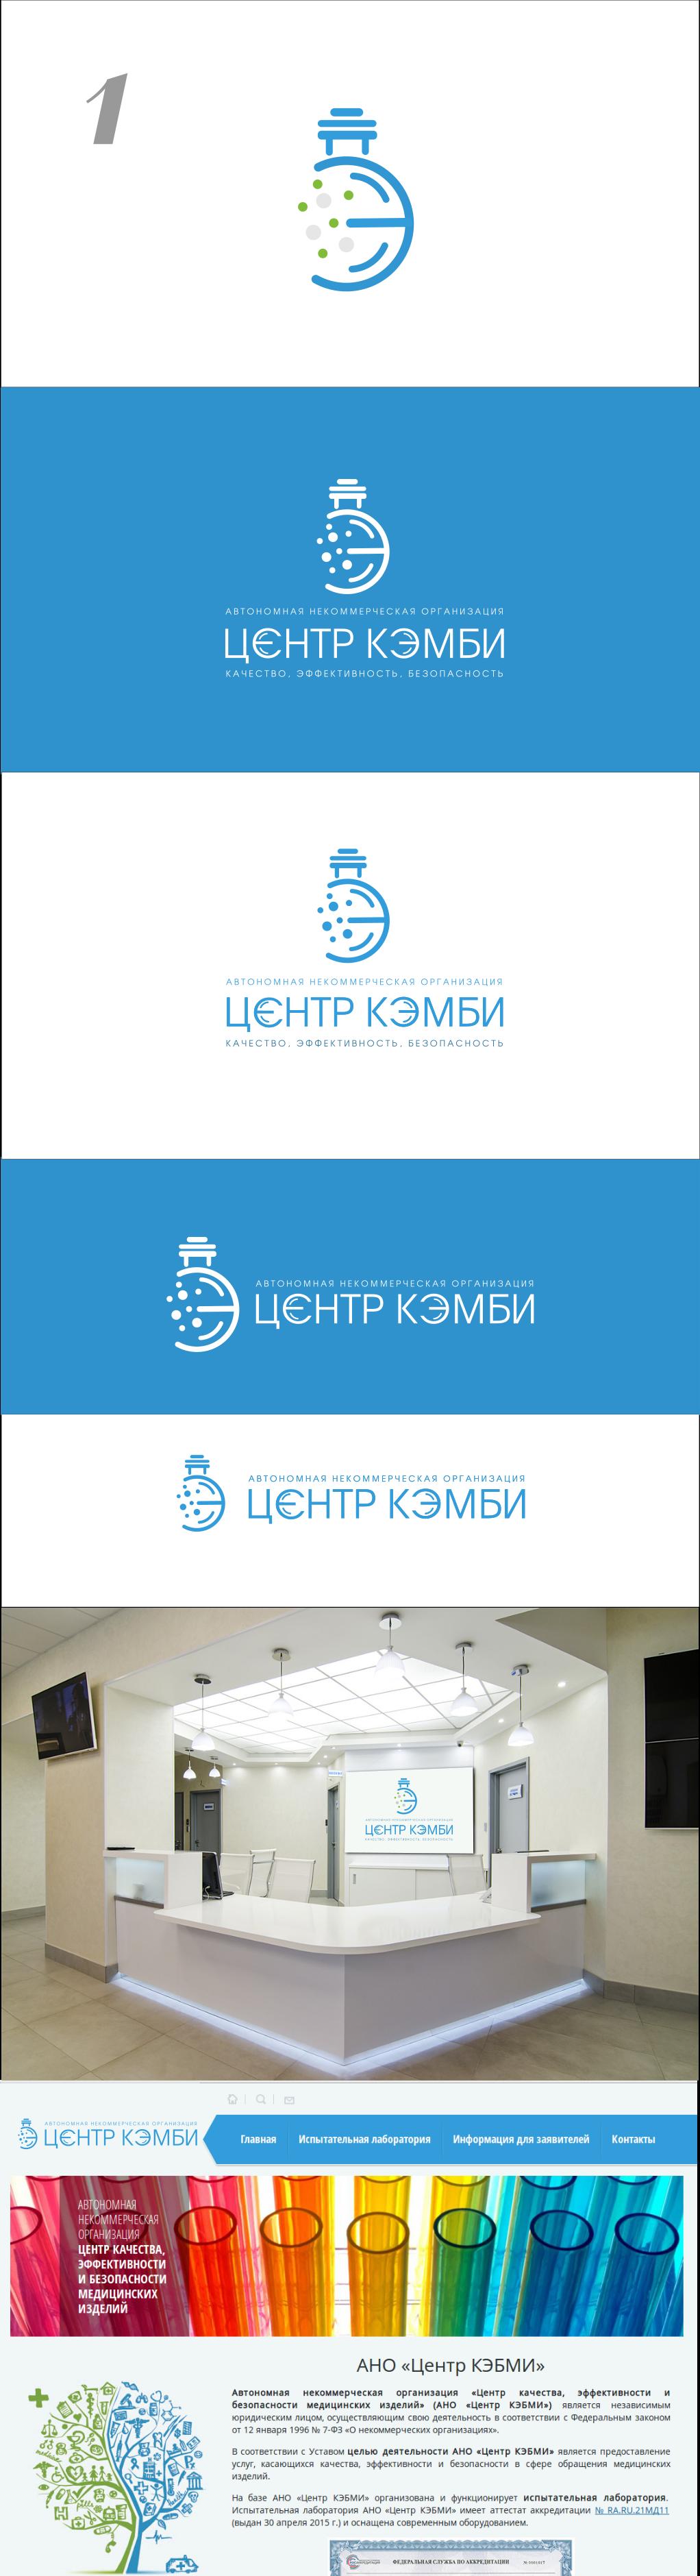 Редизайн логотипа АНО Центр КЭБМИ - BREVIS фото f_8625b1fa86f88bec.png